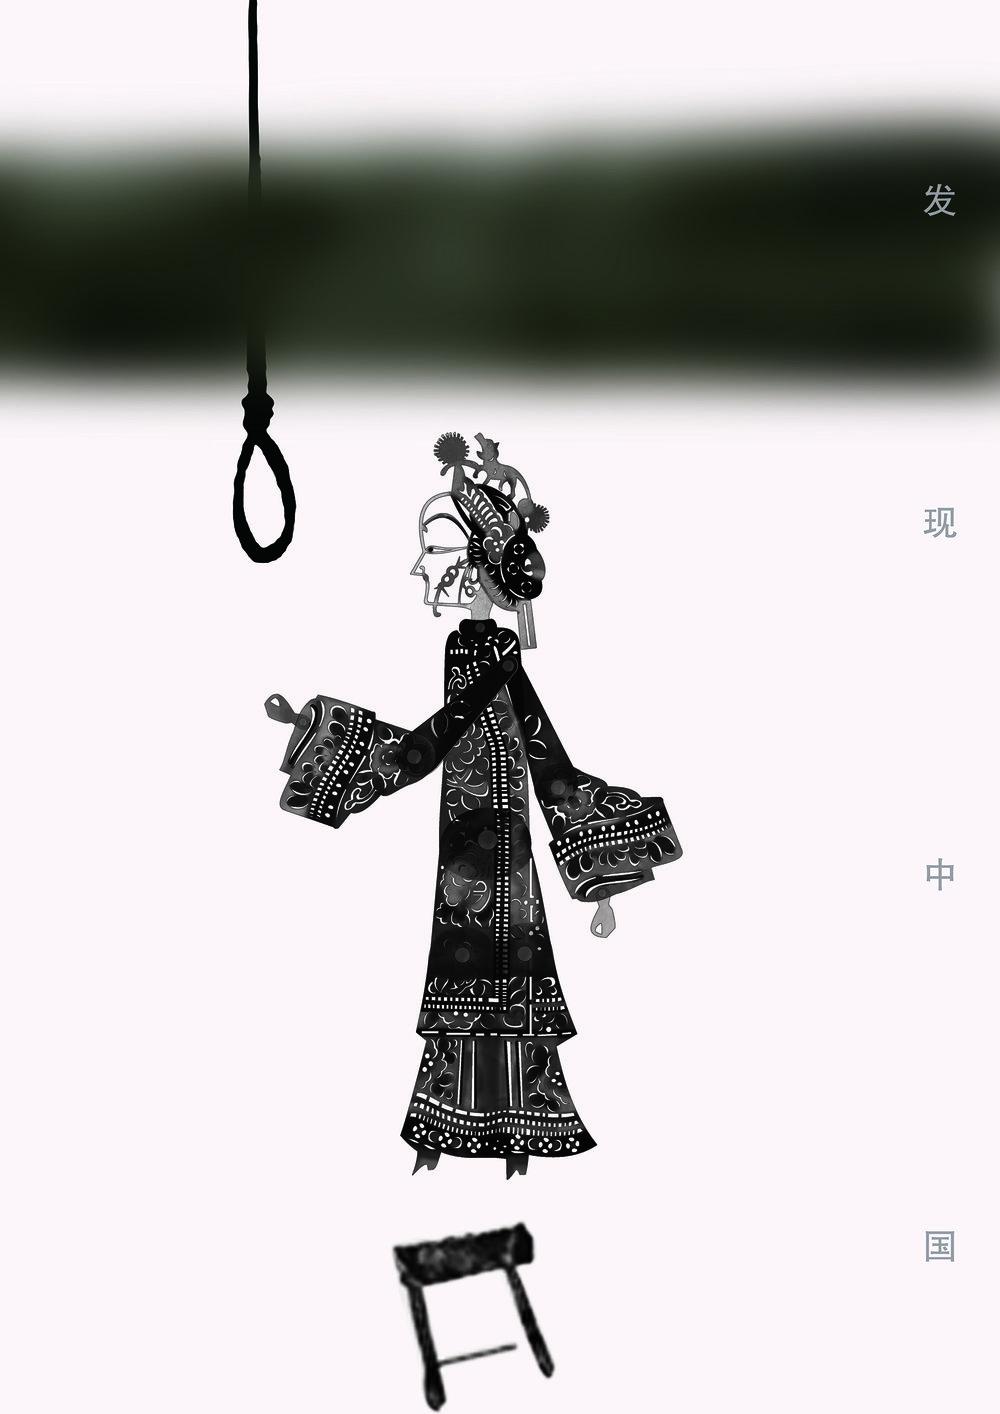 发现中国—皮影篇.jpg